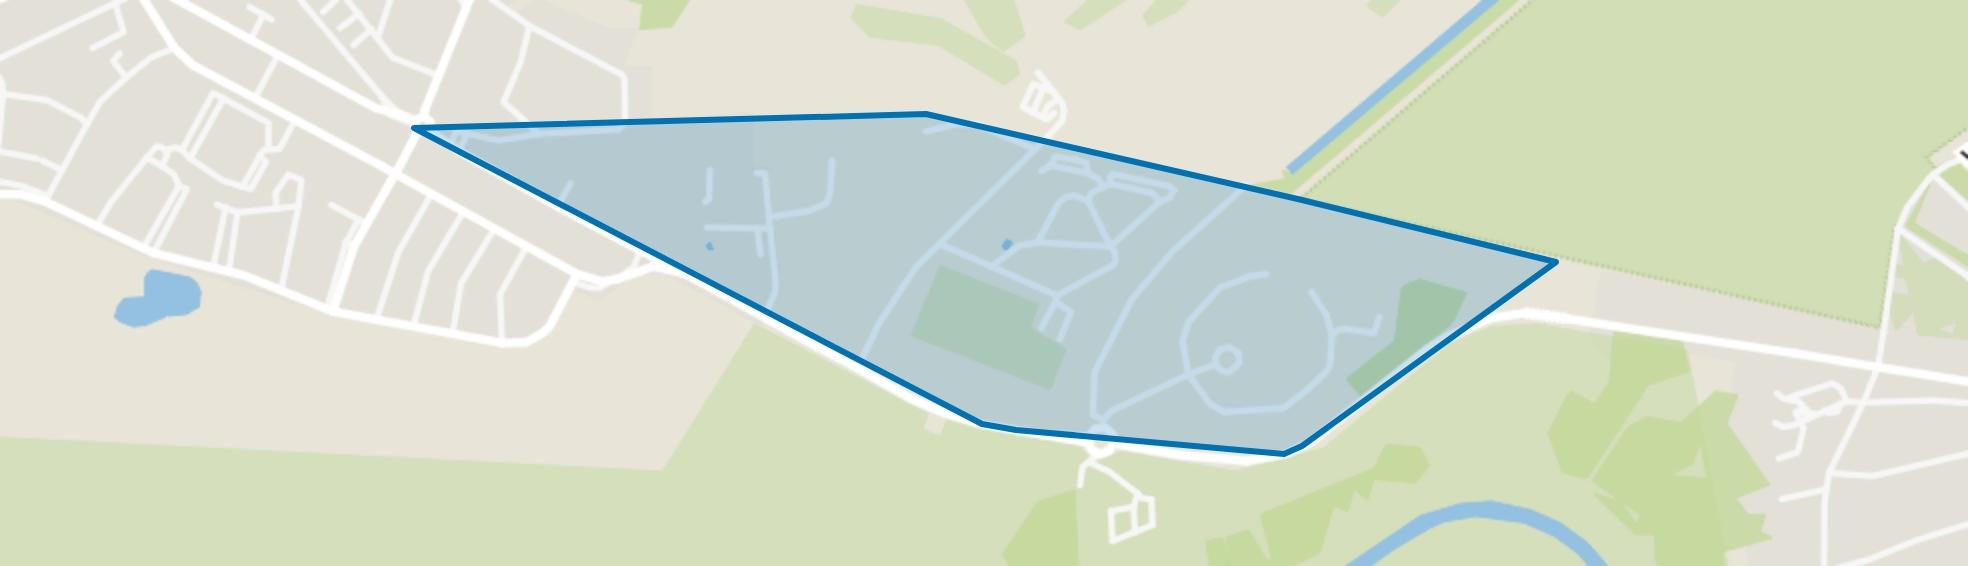 Zandvoortselaan, Zandvoort map